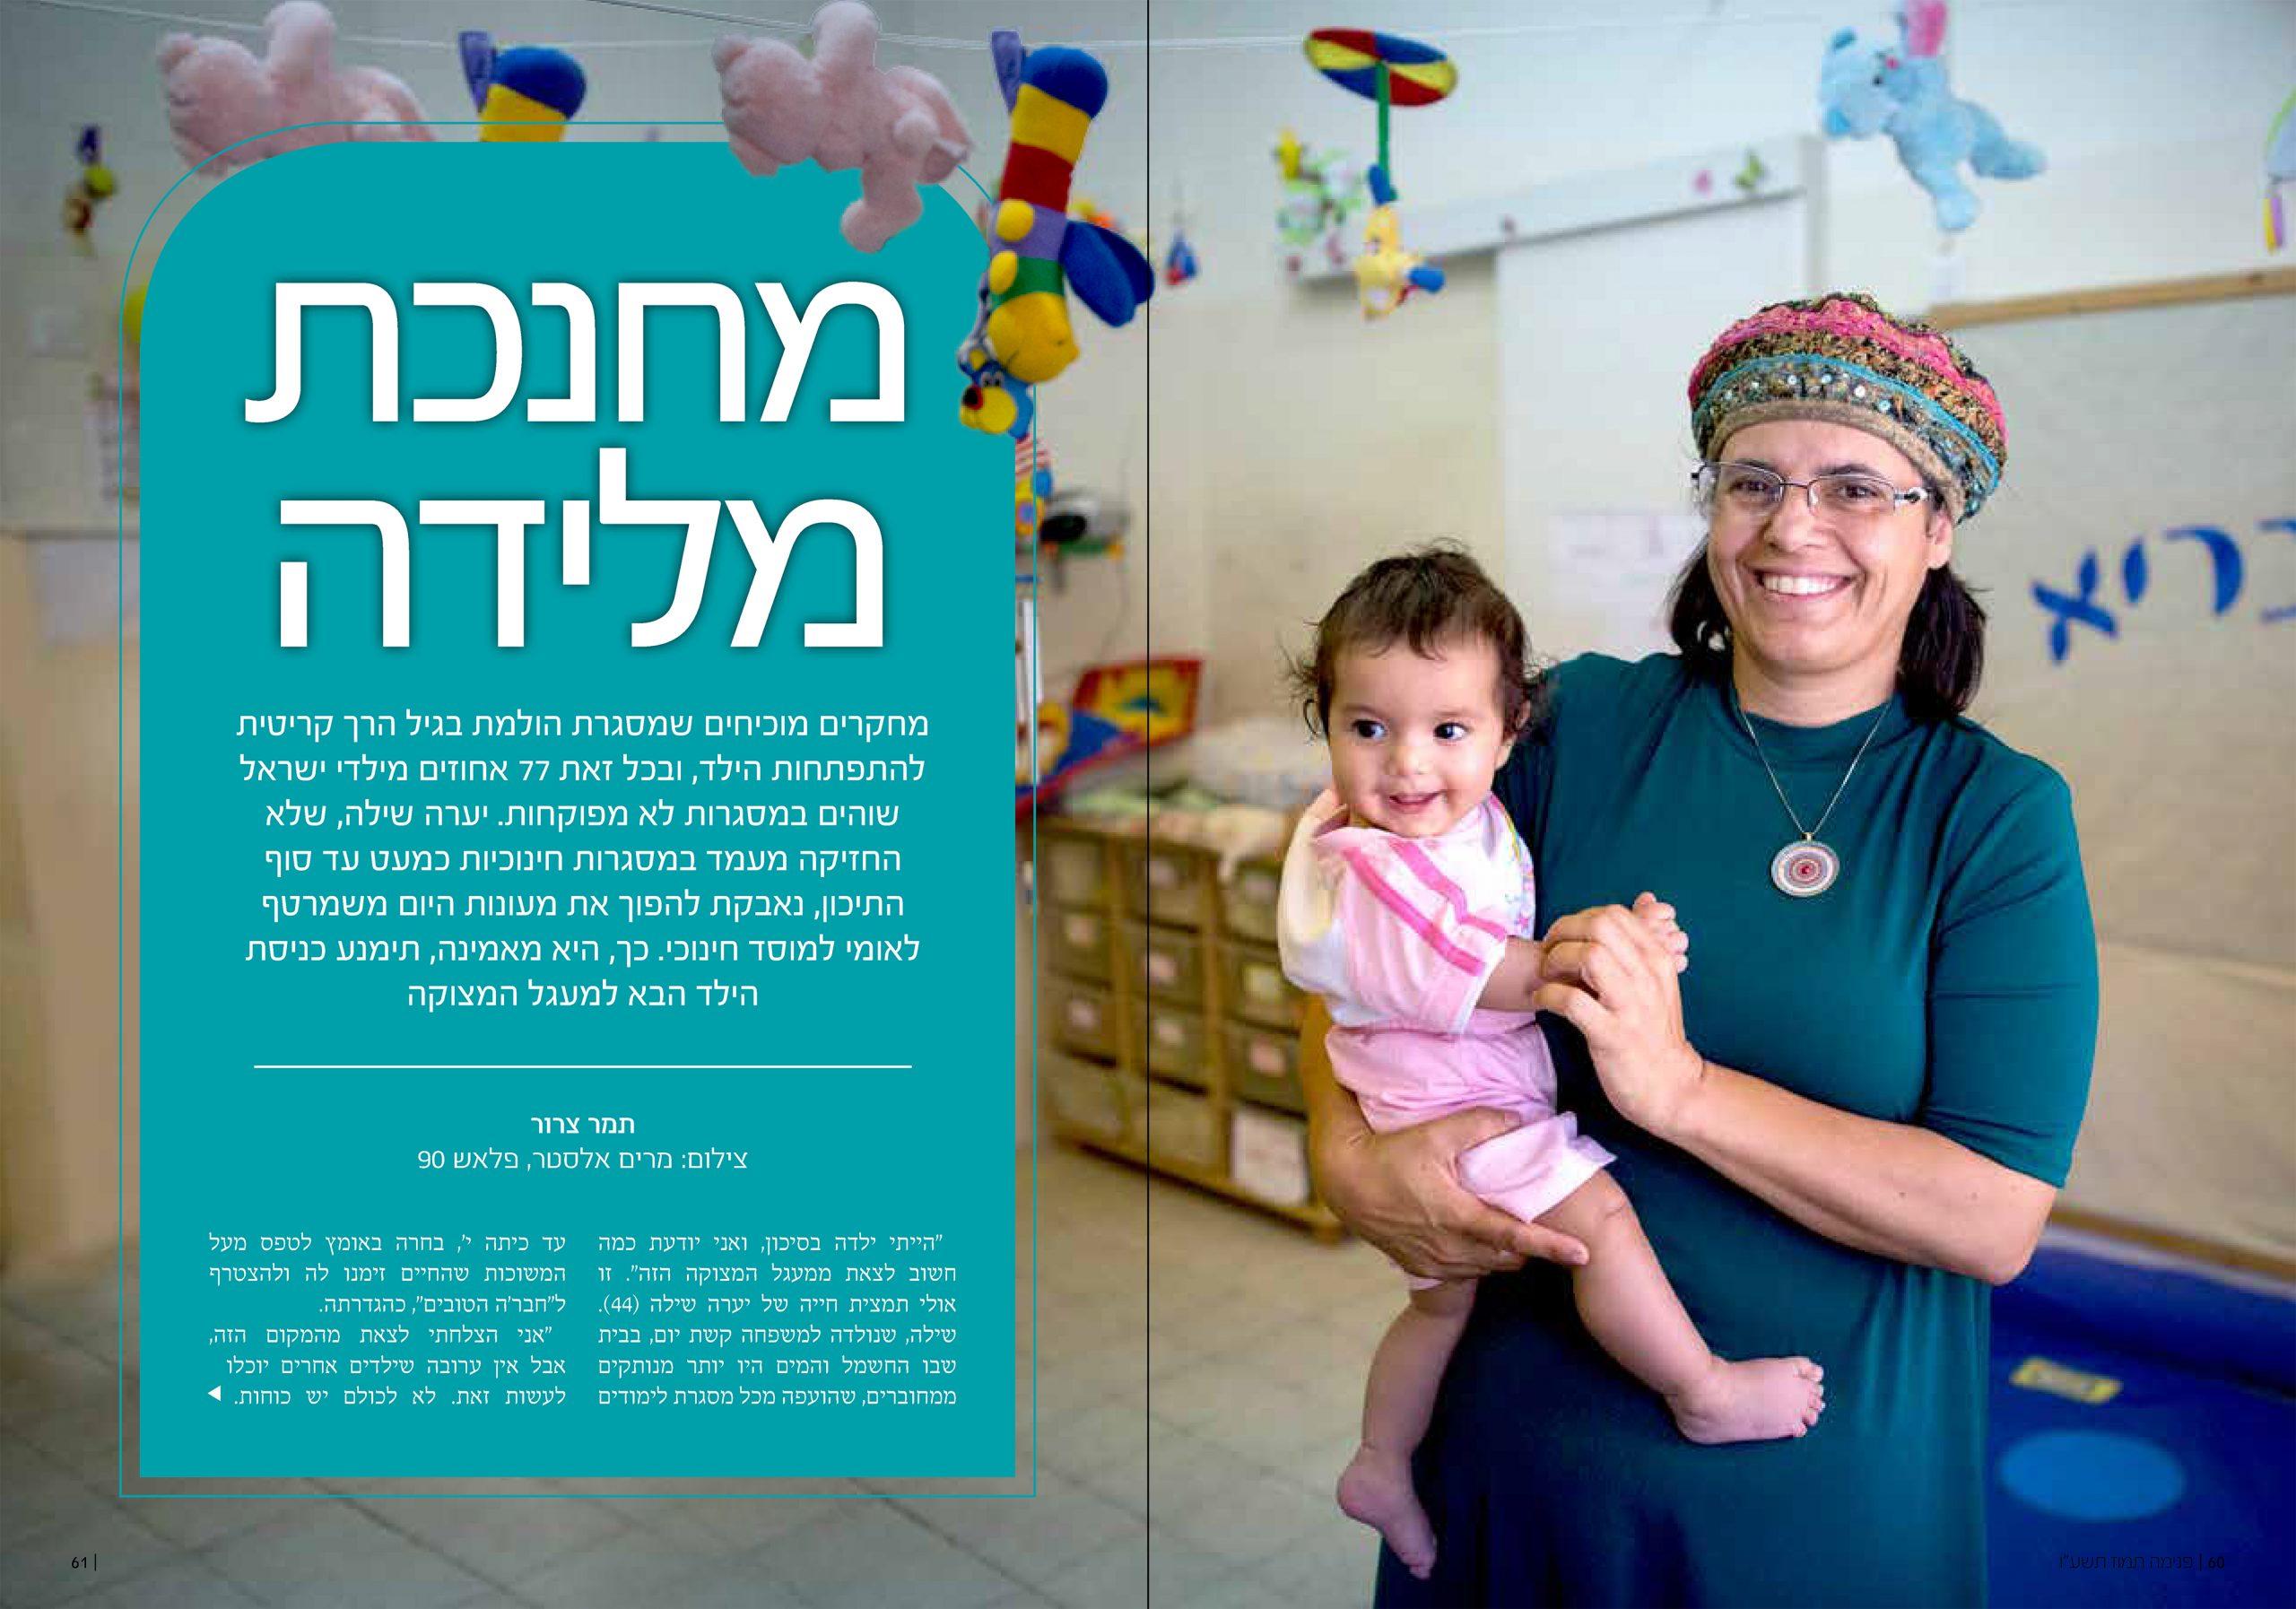 יערה שילה כתבה עליי בפנימה| מומחית לגיל הרך, מייסדת 'חינך מלידה' ומרצה בנושא חינוך